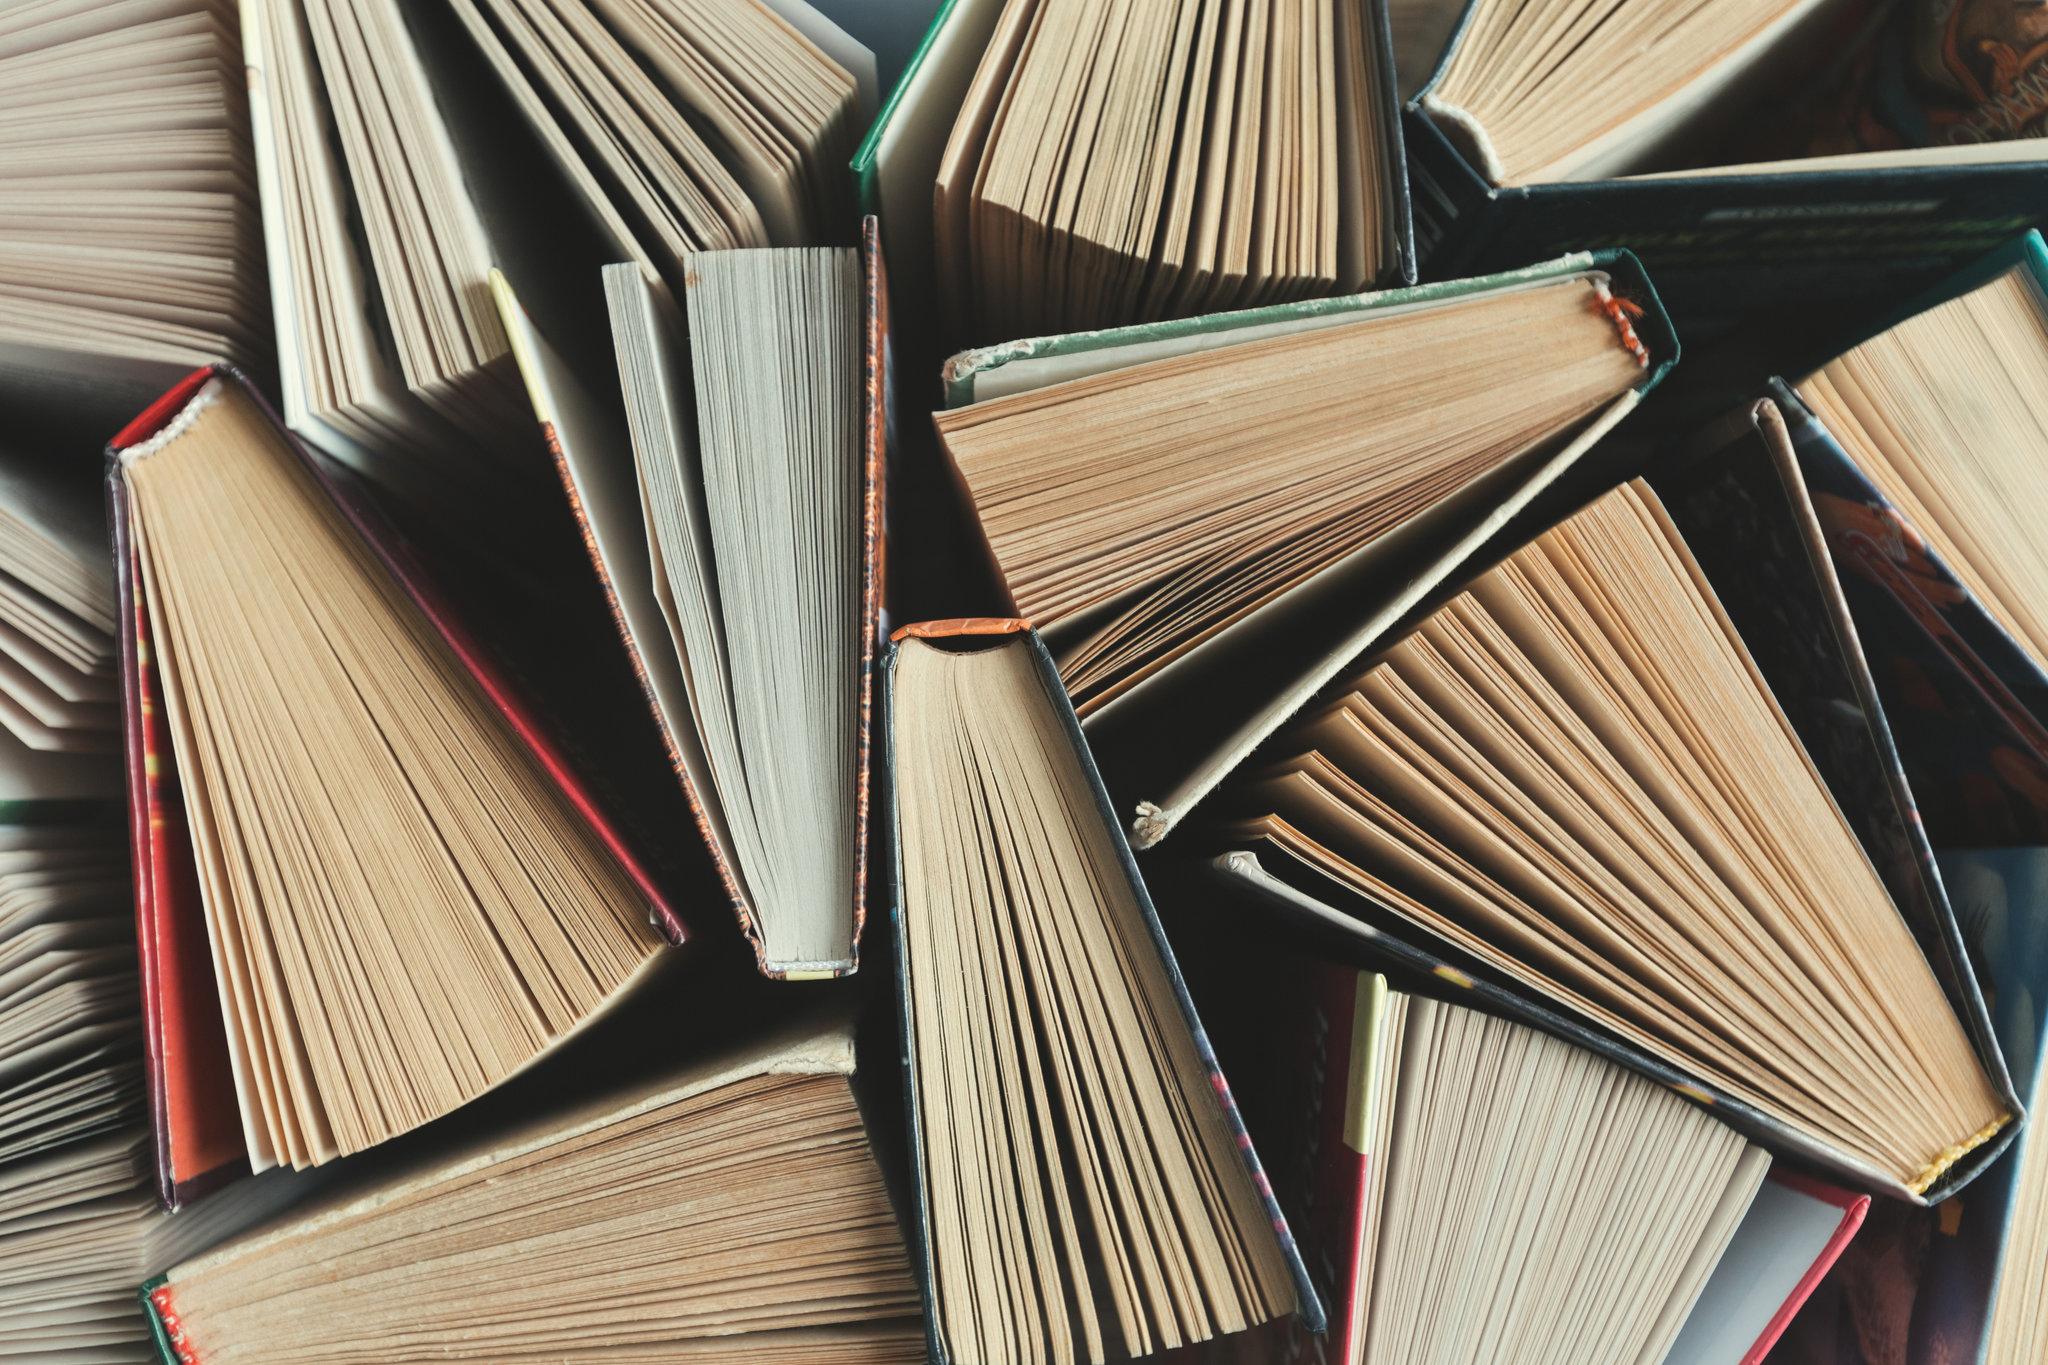 Imprenta de libros profesional para autores, negocios, empresas, editoriales y organismos.